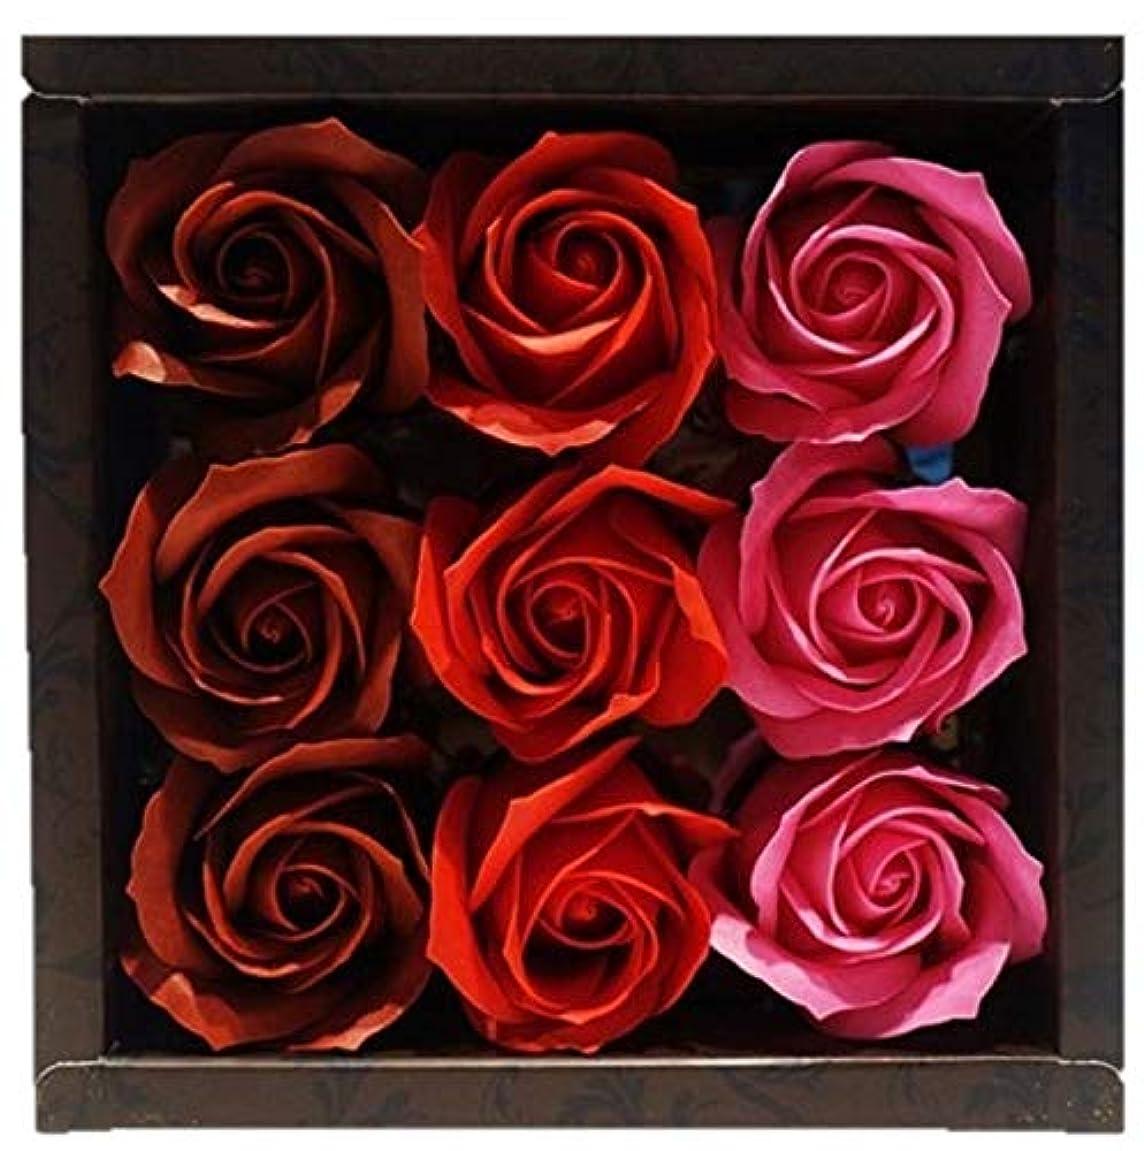 面倒刑務所麻酔薬バスフレグランス バスフラワー ローズフレグランス レッドカラー お花の形の入浴剤 プレゼント ばら